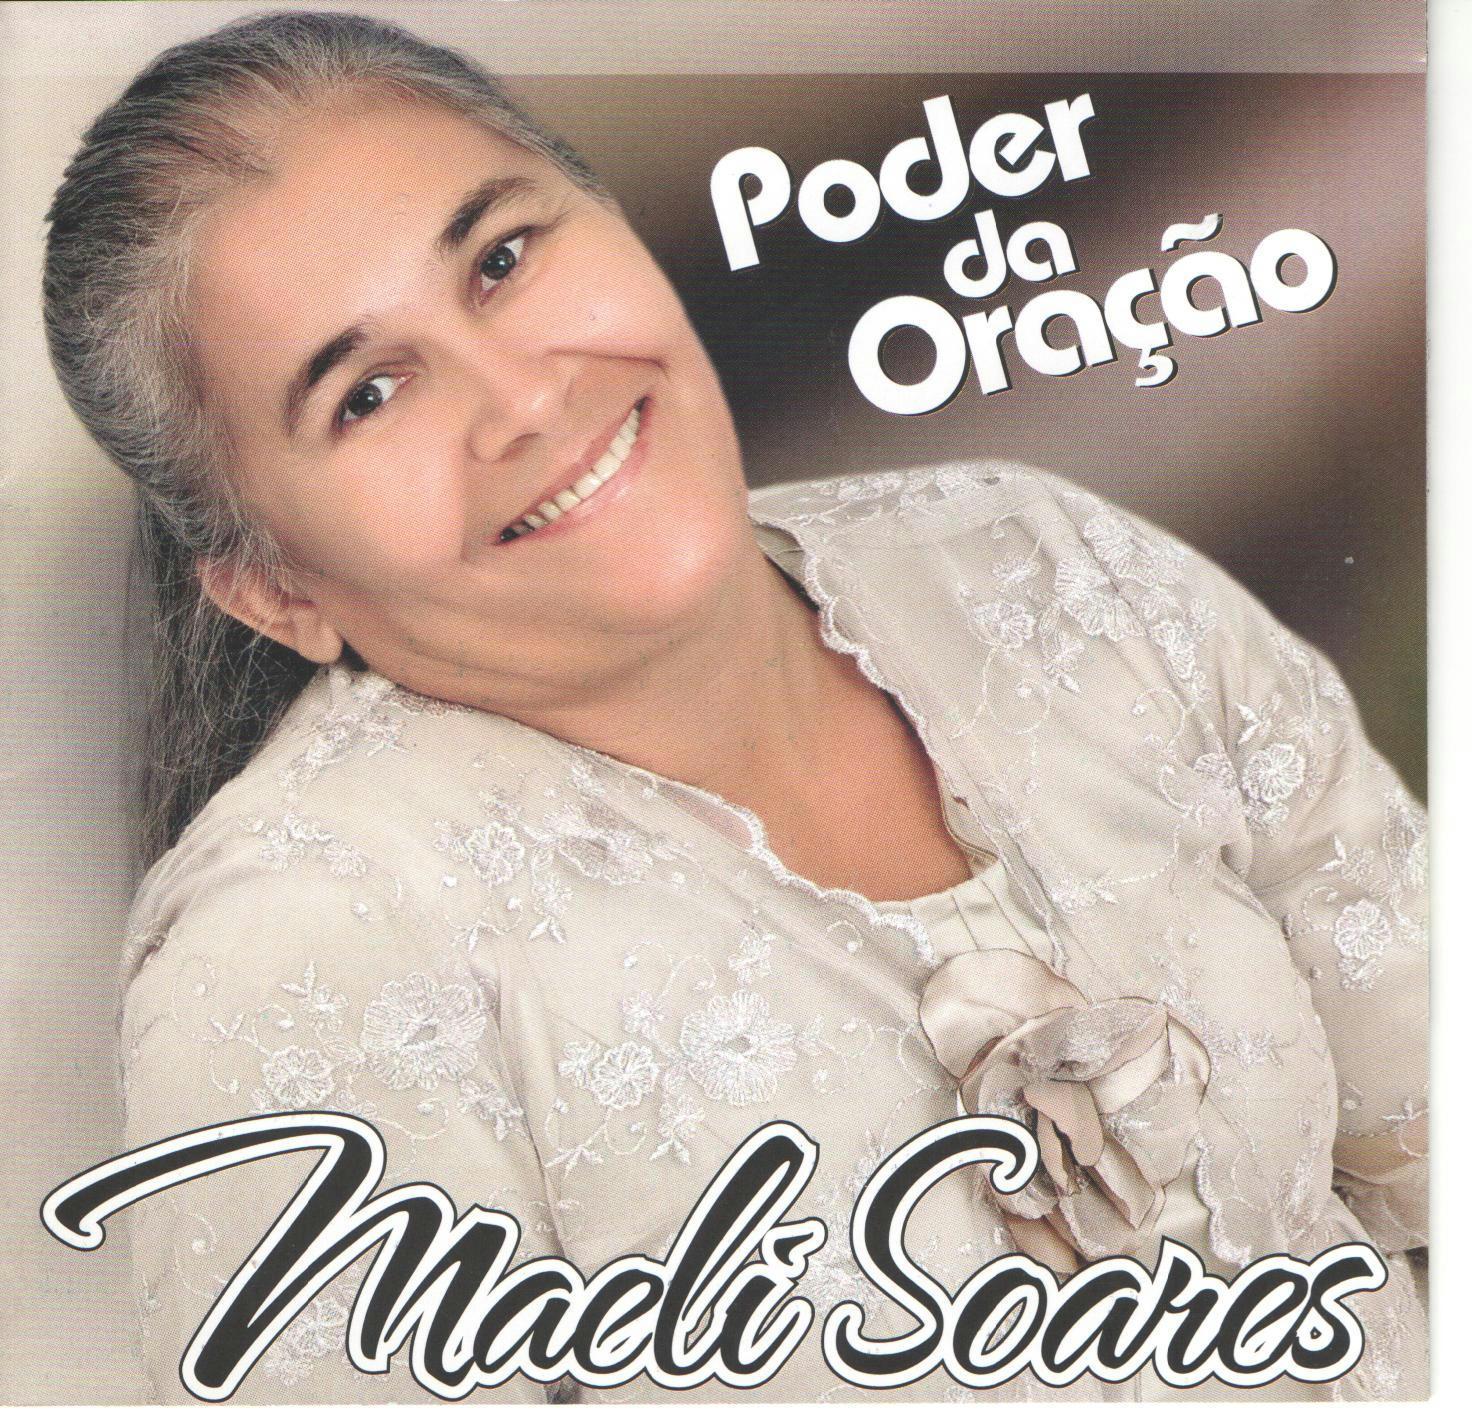 Maeli Soares - Poder da Oração 2013